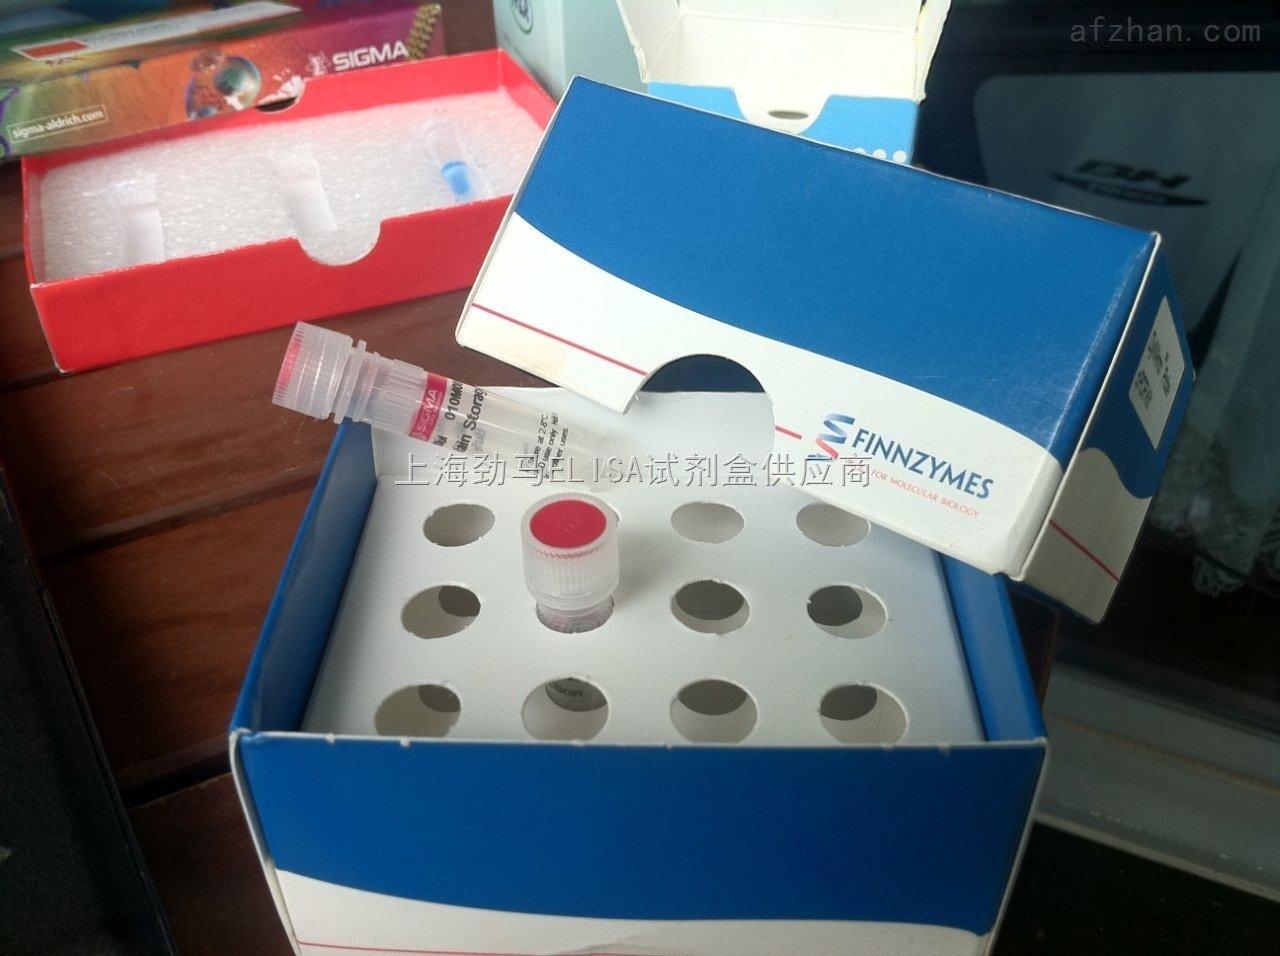 牛酪蛋白β(csn2)ELISA试剂盒